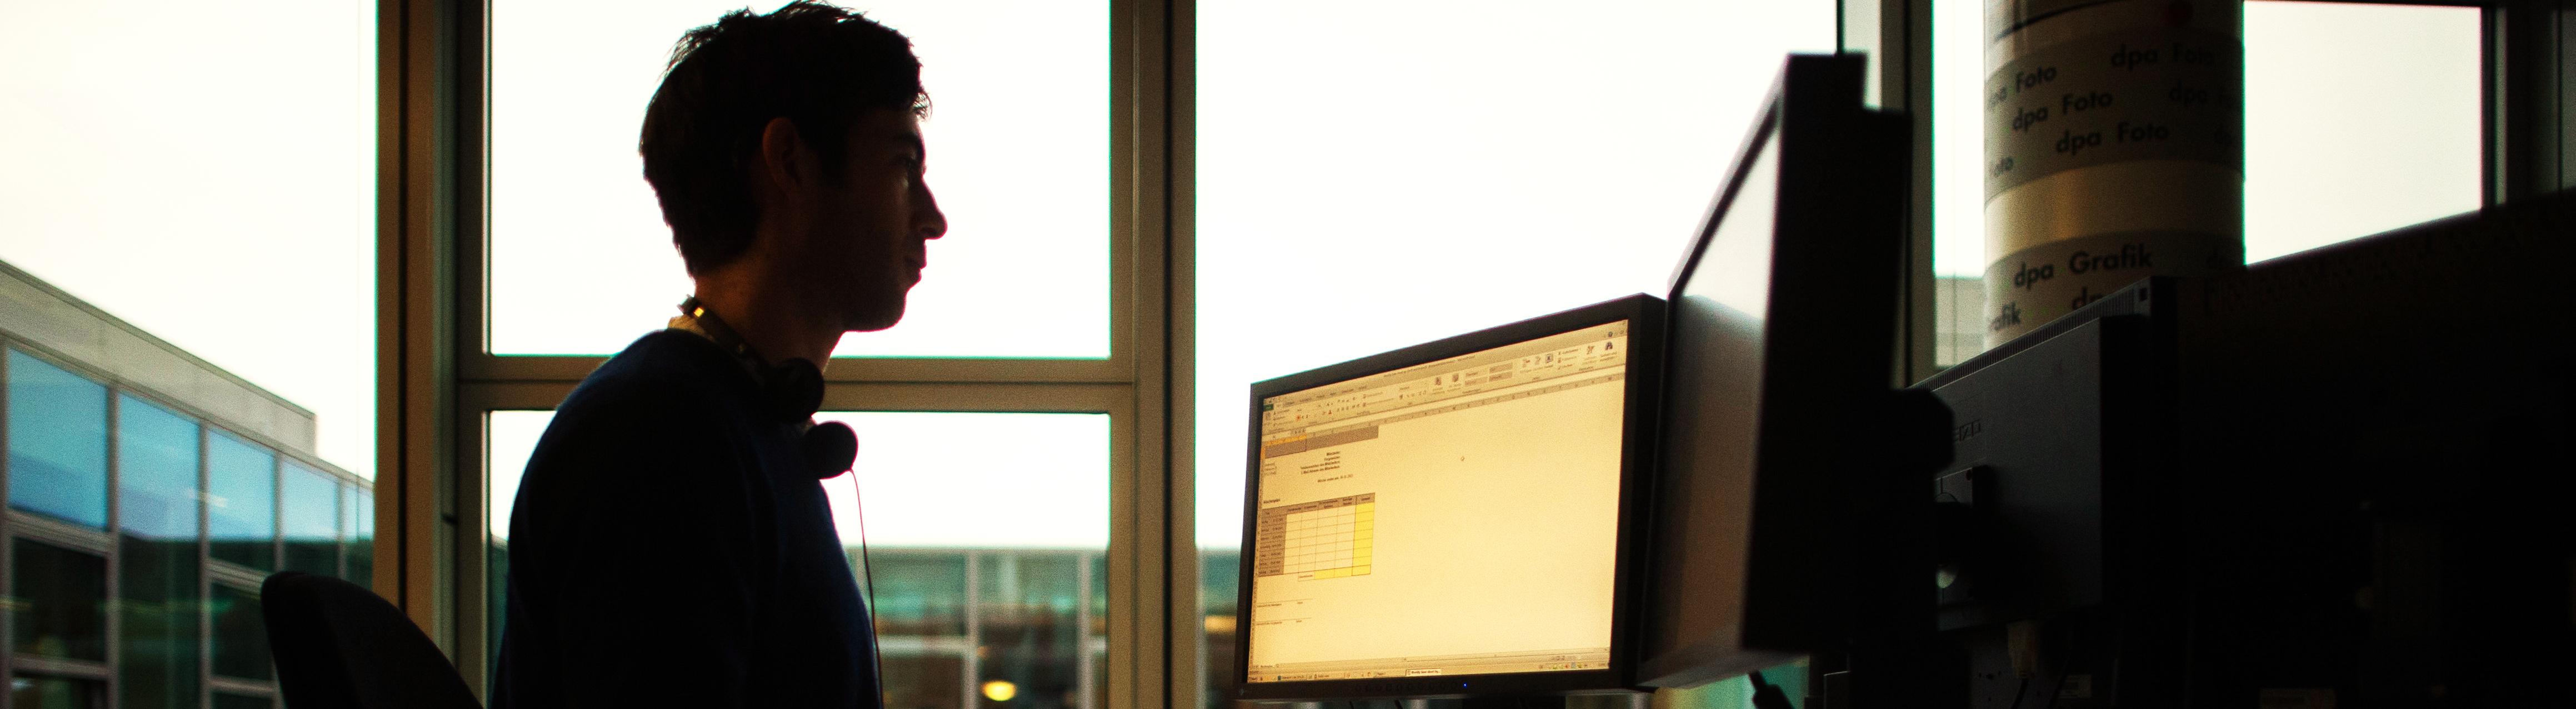 Mitarbeiter im Büro am Computer